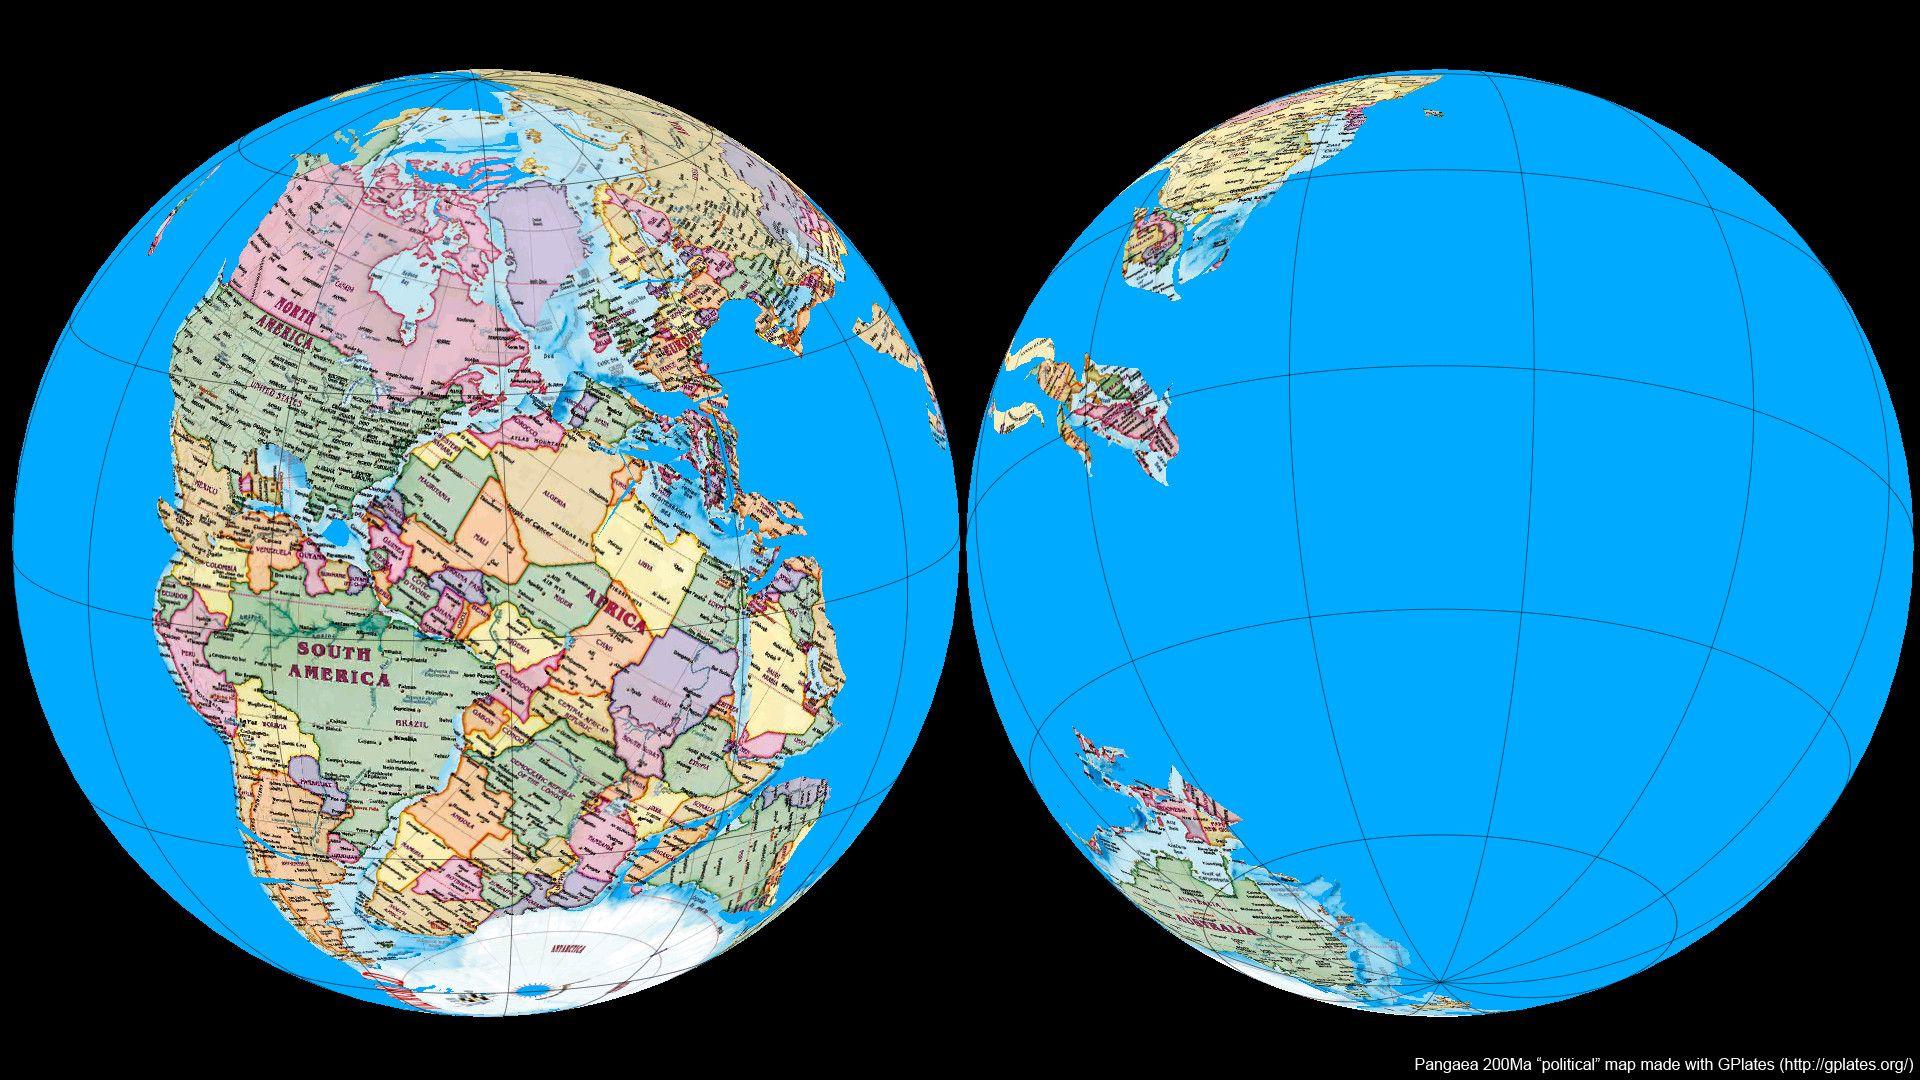 Modern Day World Map.Pangaea With Modern Day Political Borders By Koshgeo Map Pangaea